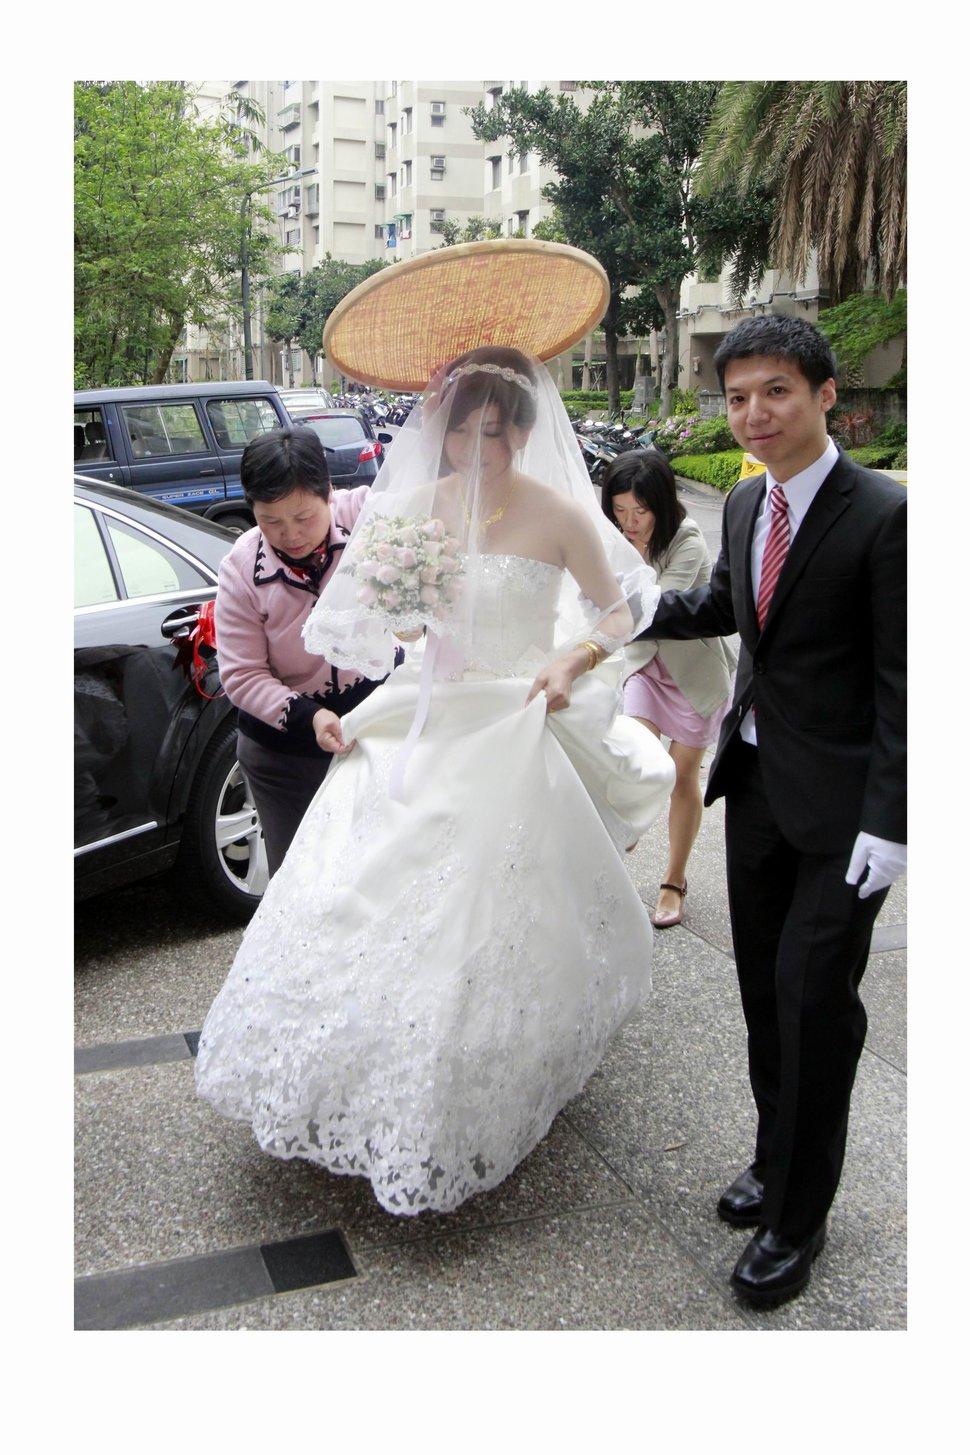 青青食尚花園會館婚禮記錄結婚迎娶婚禮記錄動態微電影錄影專業錄影平面攝影婚紗攝攝影婚禮主持人(編號:196720) - 蜜月拍照10800錄影12800攝影團隊 - 結婚吧